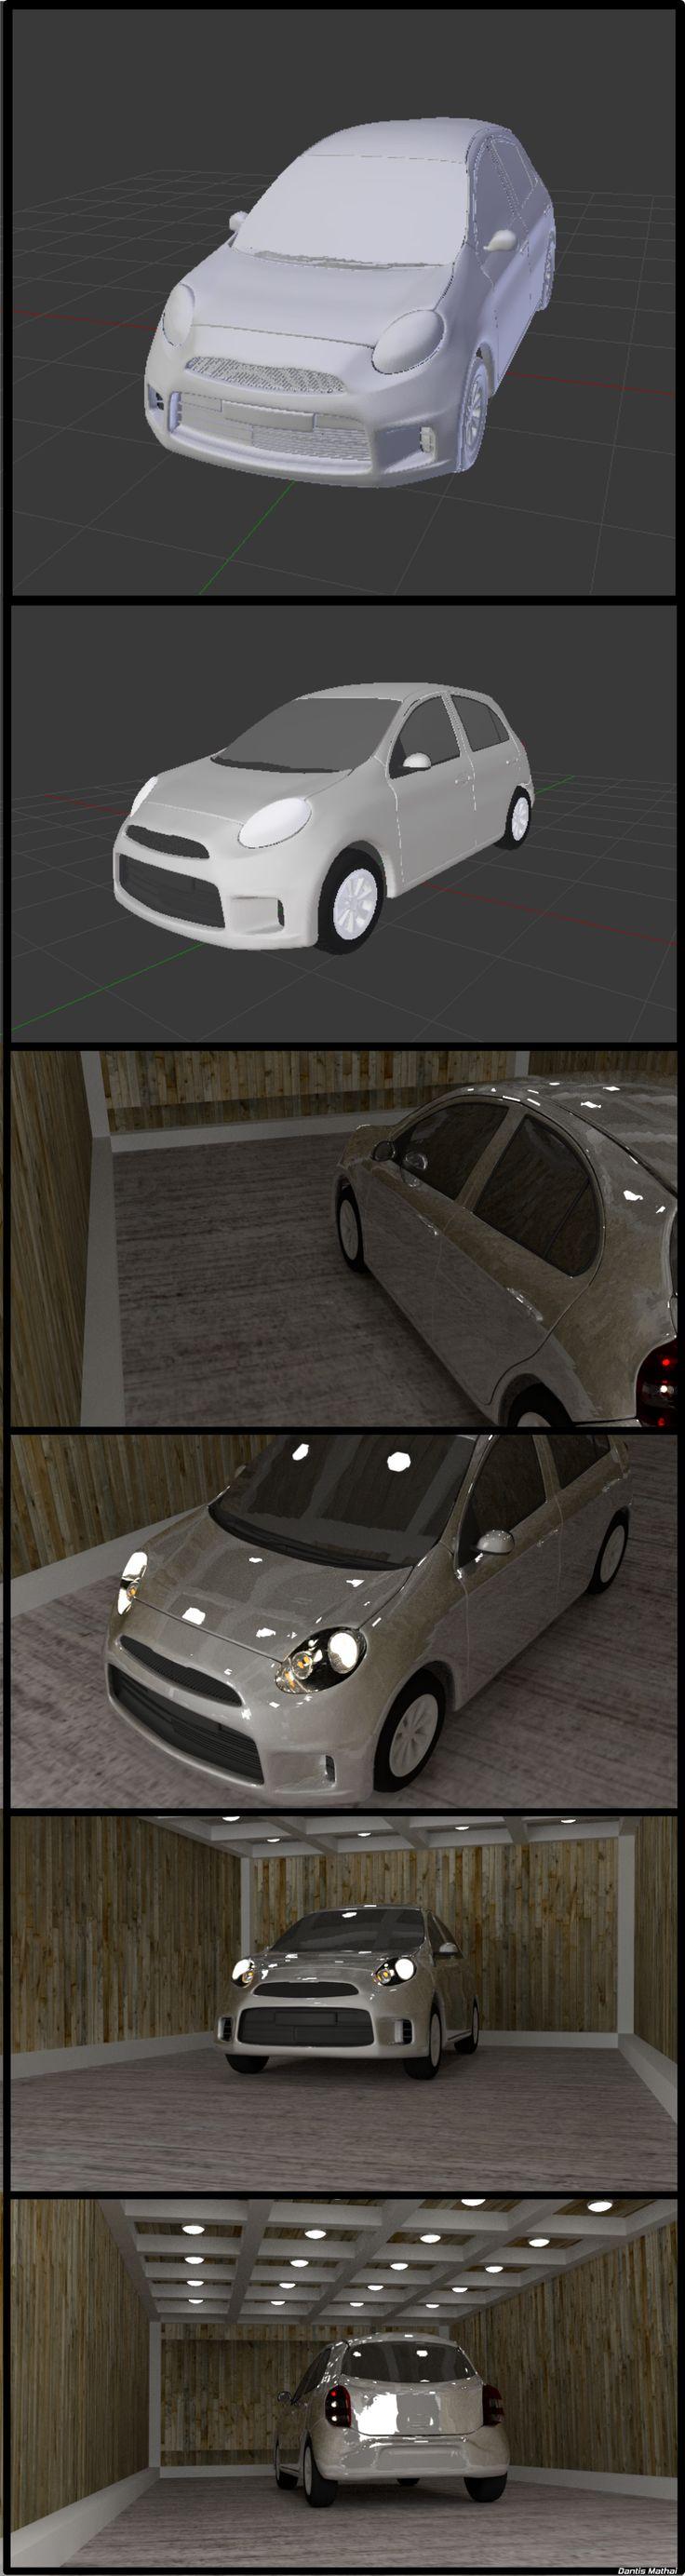 #3d model of #Nissan Micra Active XV made using #Blender 3d  https://www.youtube.com/watch?v=3-POgHKjRlA